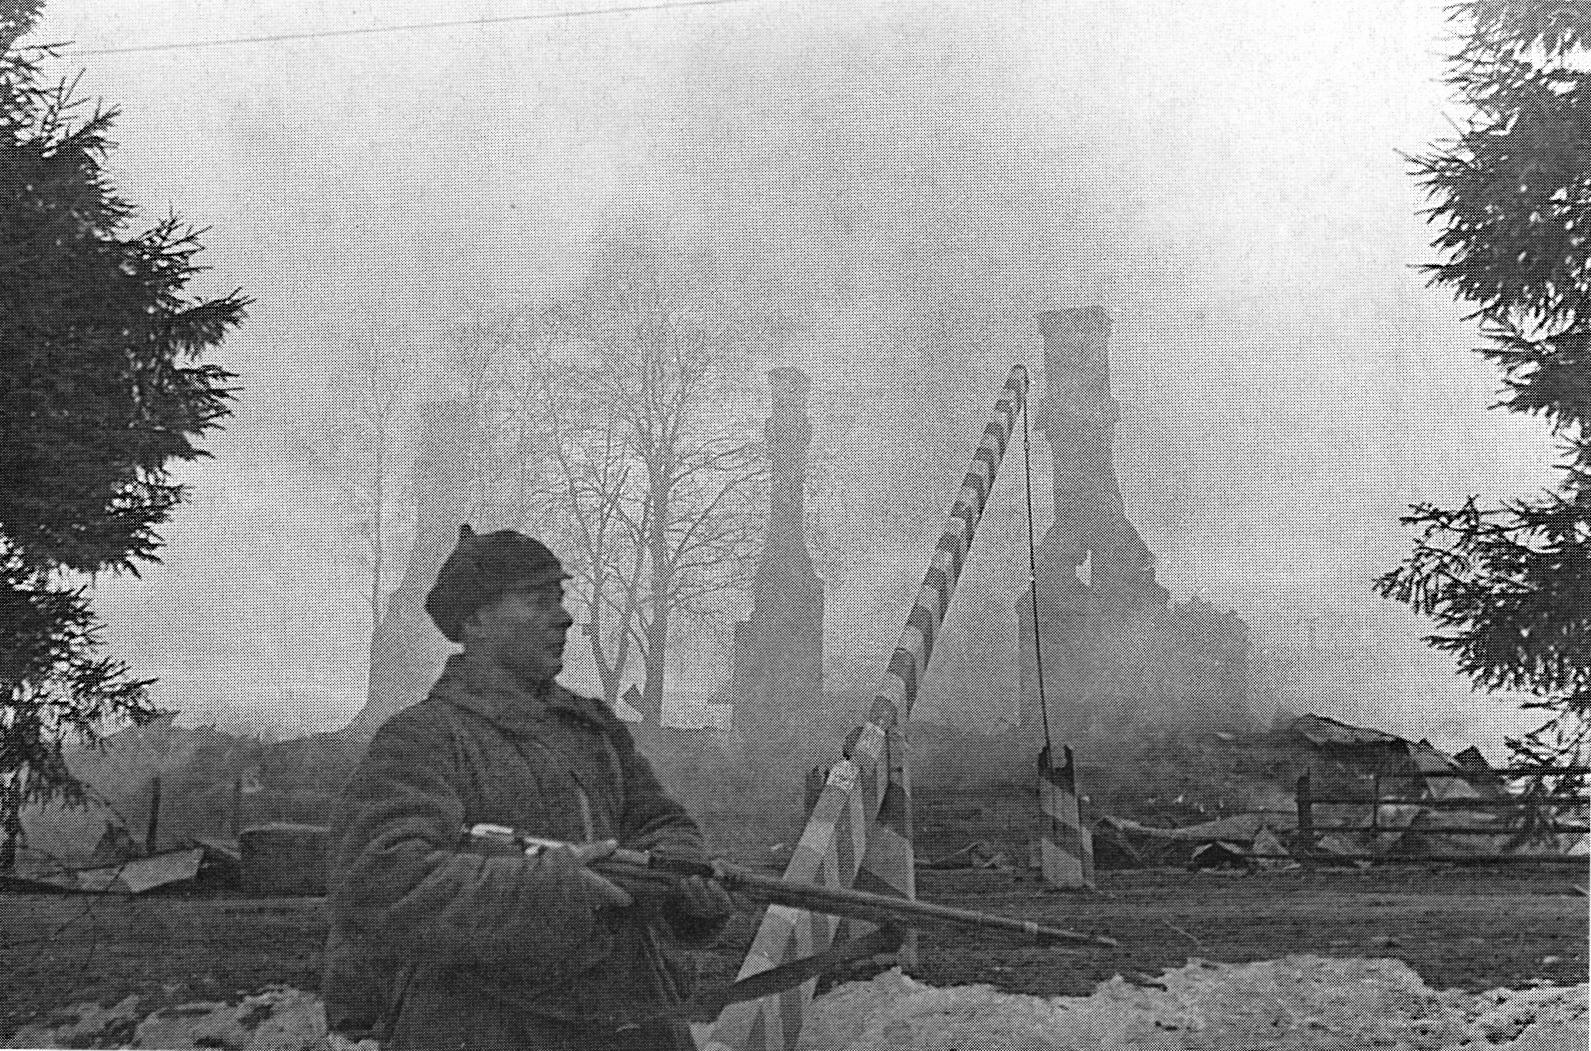 Картинки с пограничным столбом советского времени